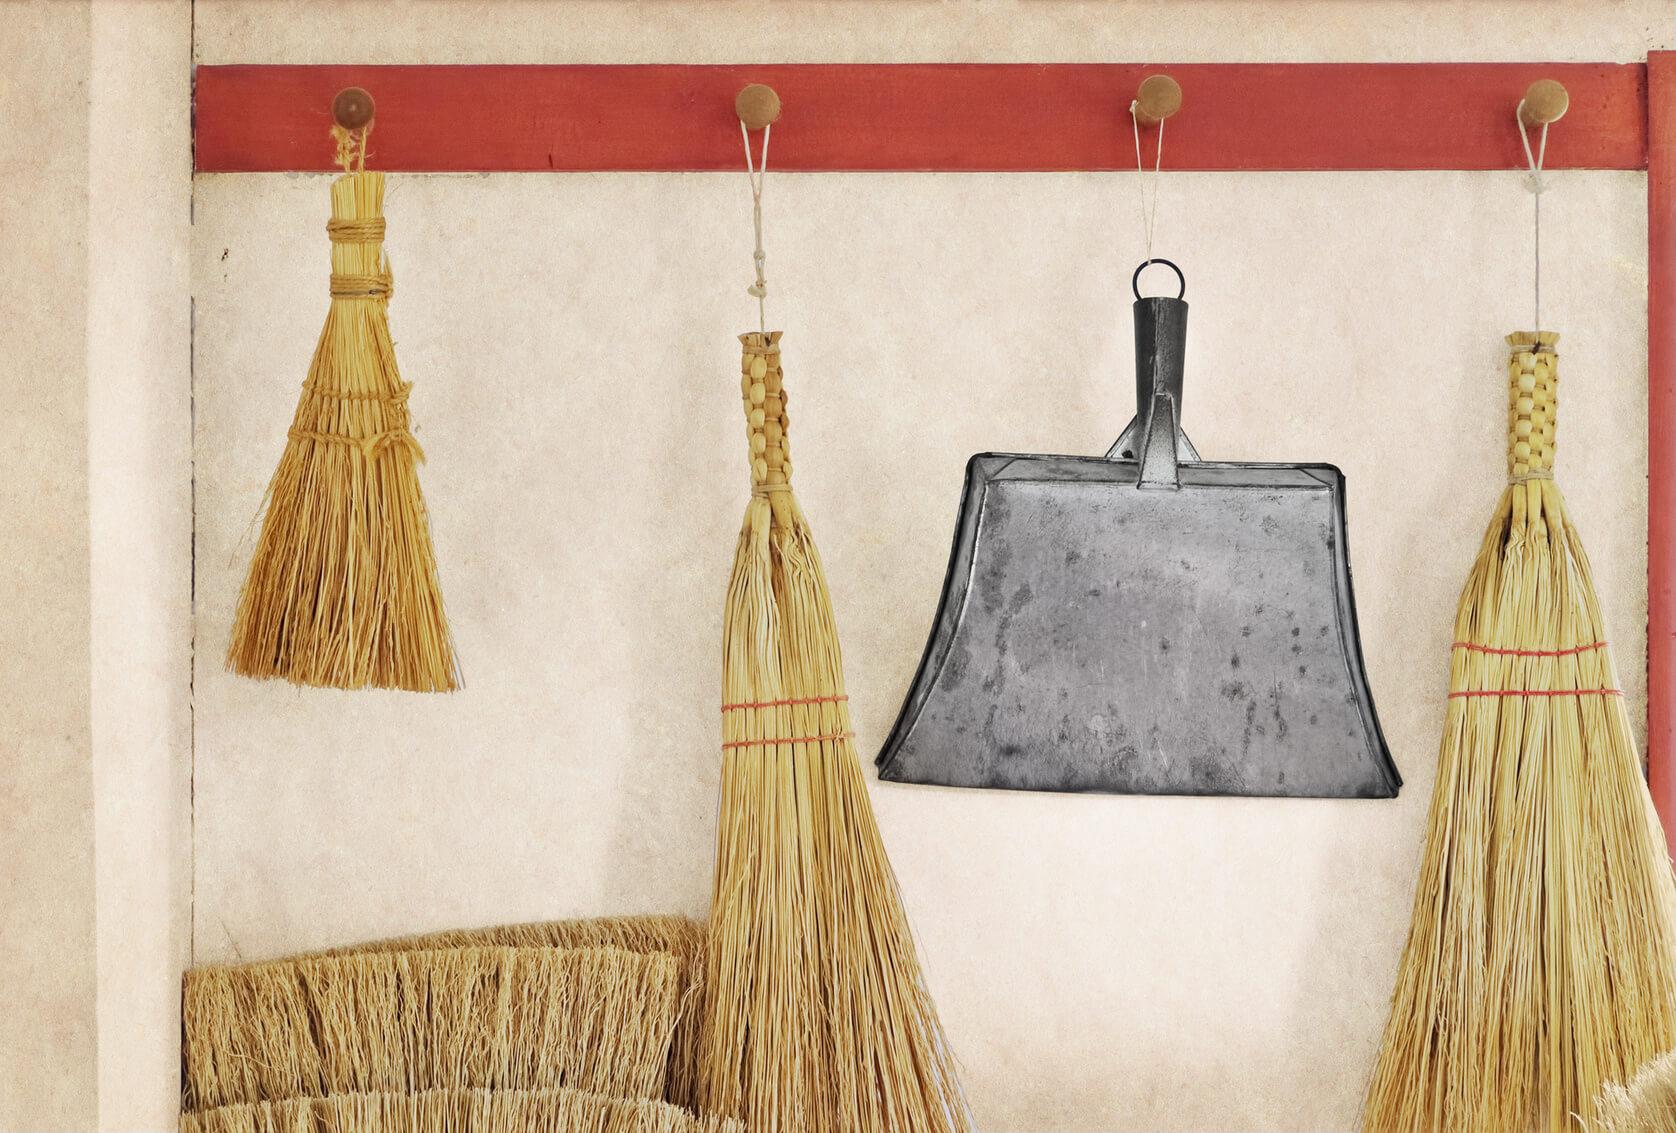 Chcesz mieć czysty dom? To – do jasnej Anielki – przestań sprzątać!